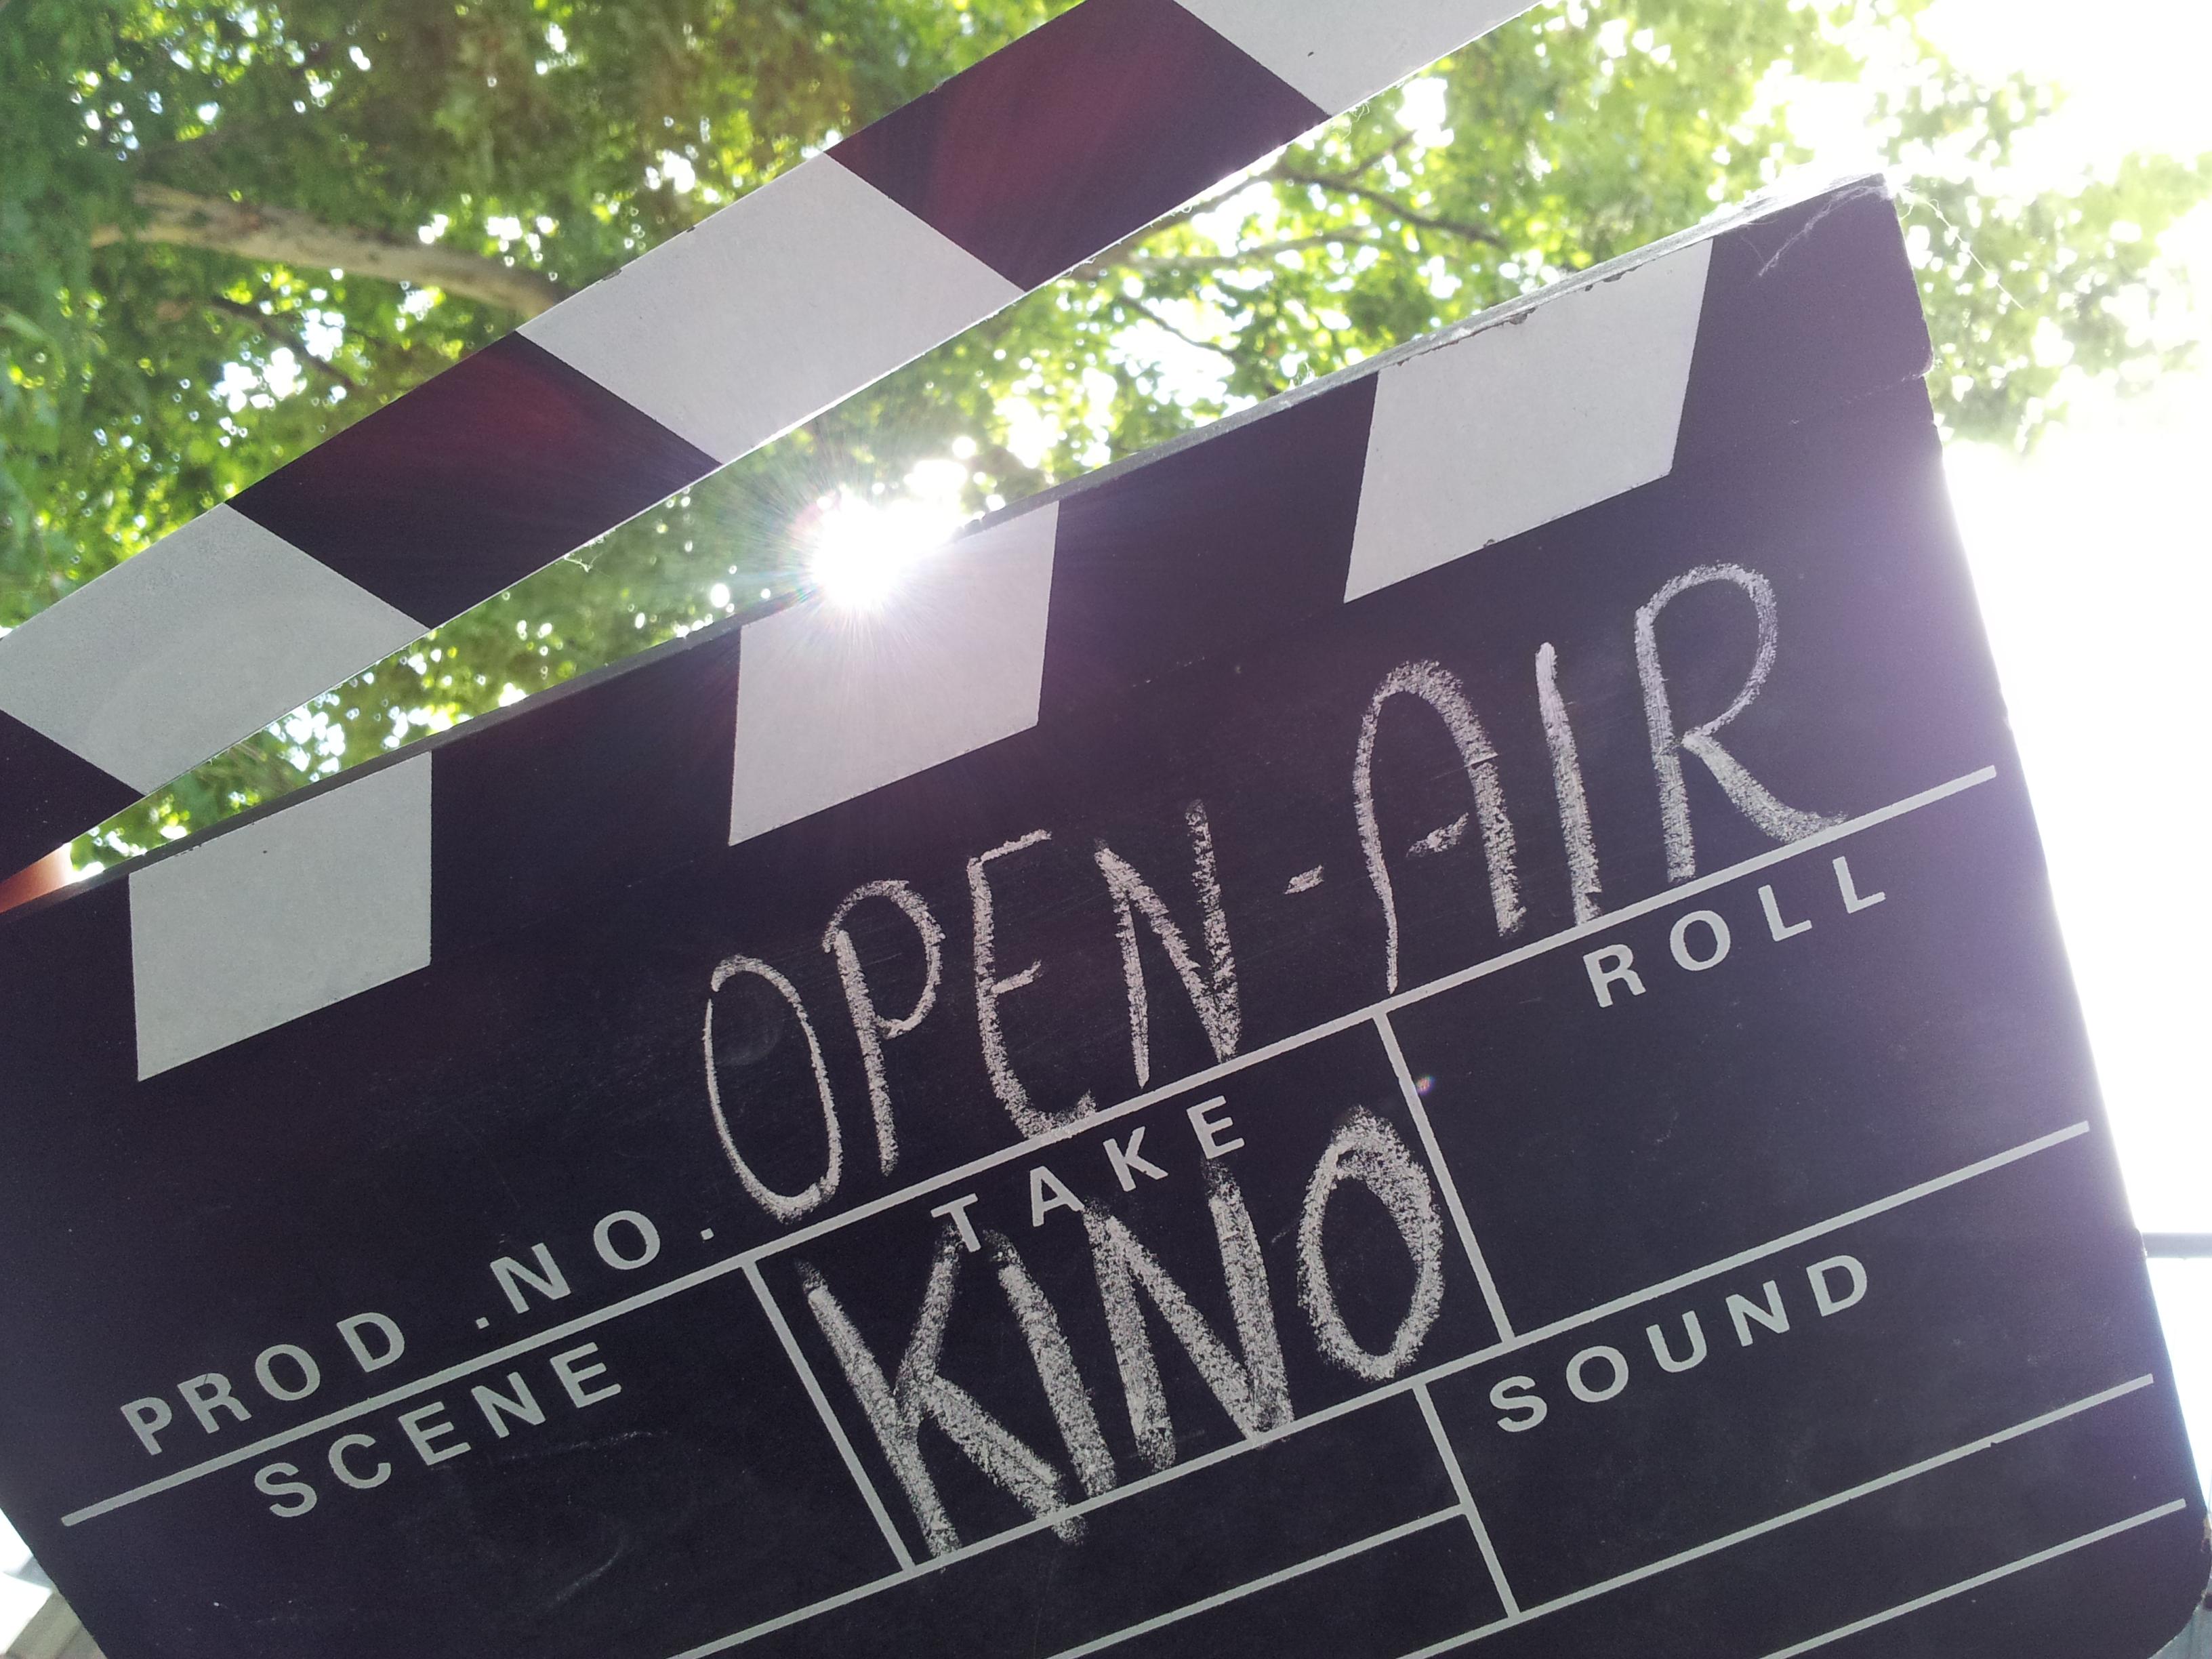 [Lokal NRW] Open-Air-Kino FilmSchauPlätze NRW: 19 Filme, 19 Orte, Eintritt frei! (19.07.-28.08.)